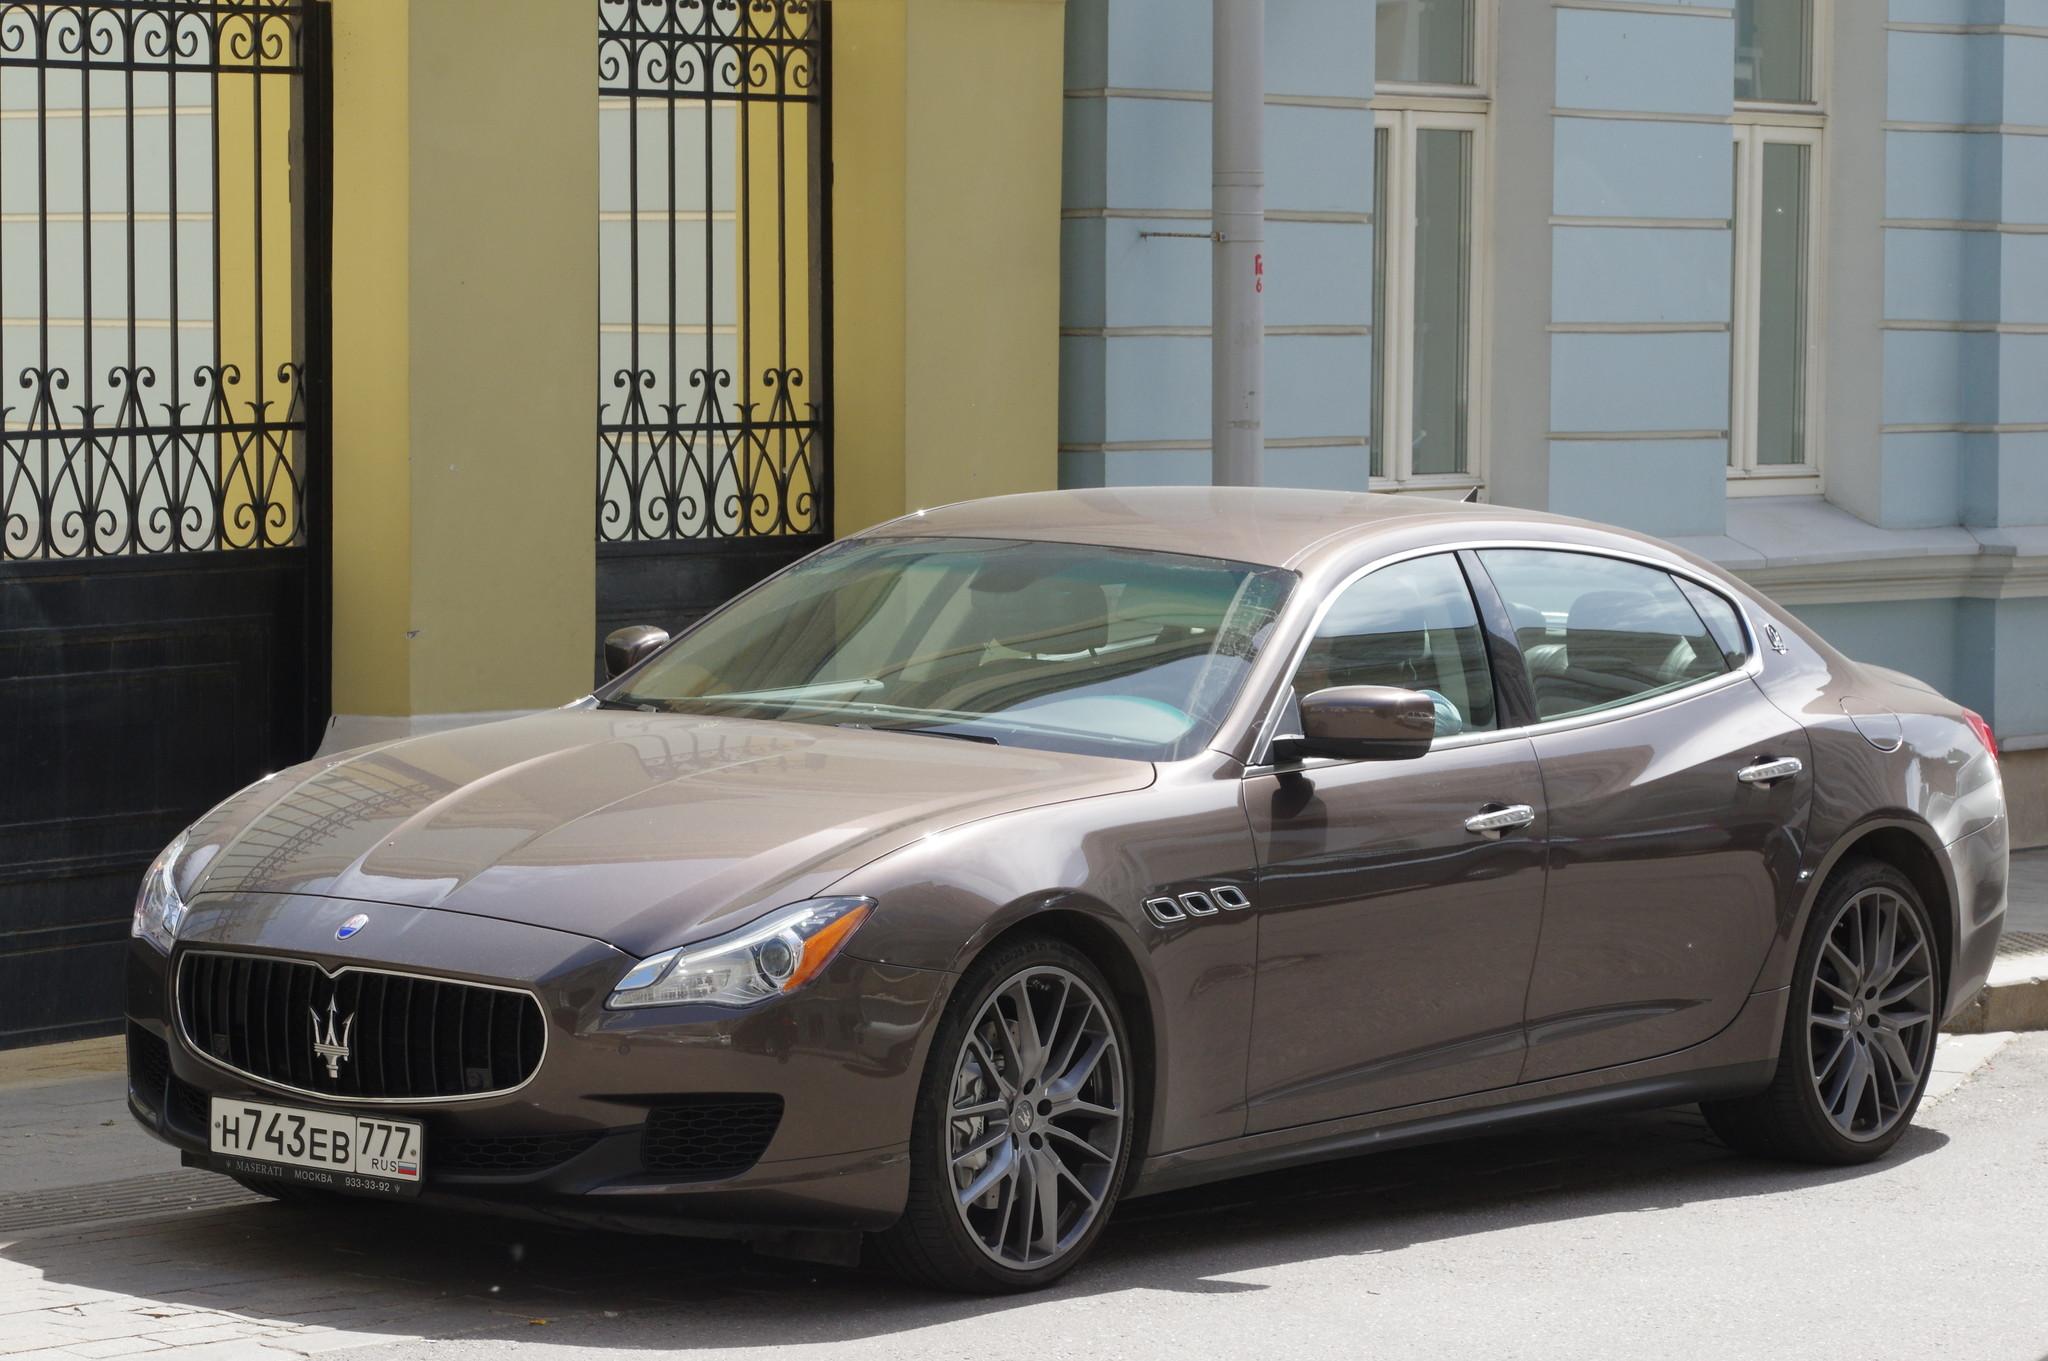 Автомобиль Maserati в Малом Знаменском переулке